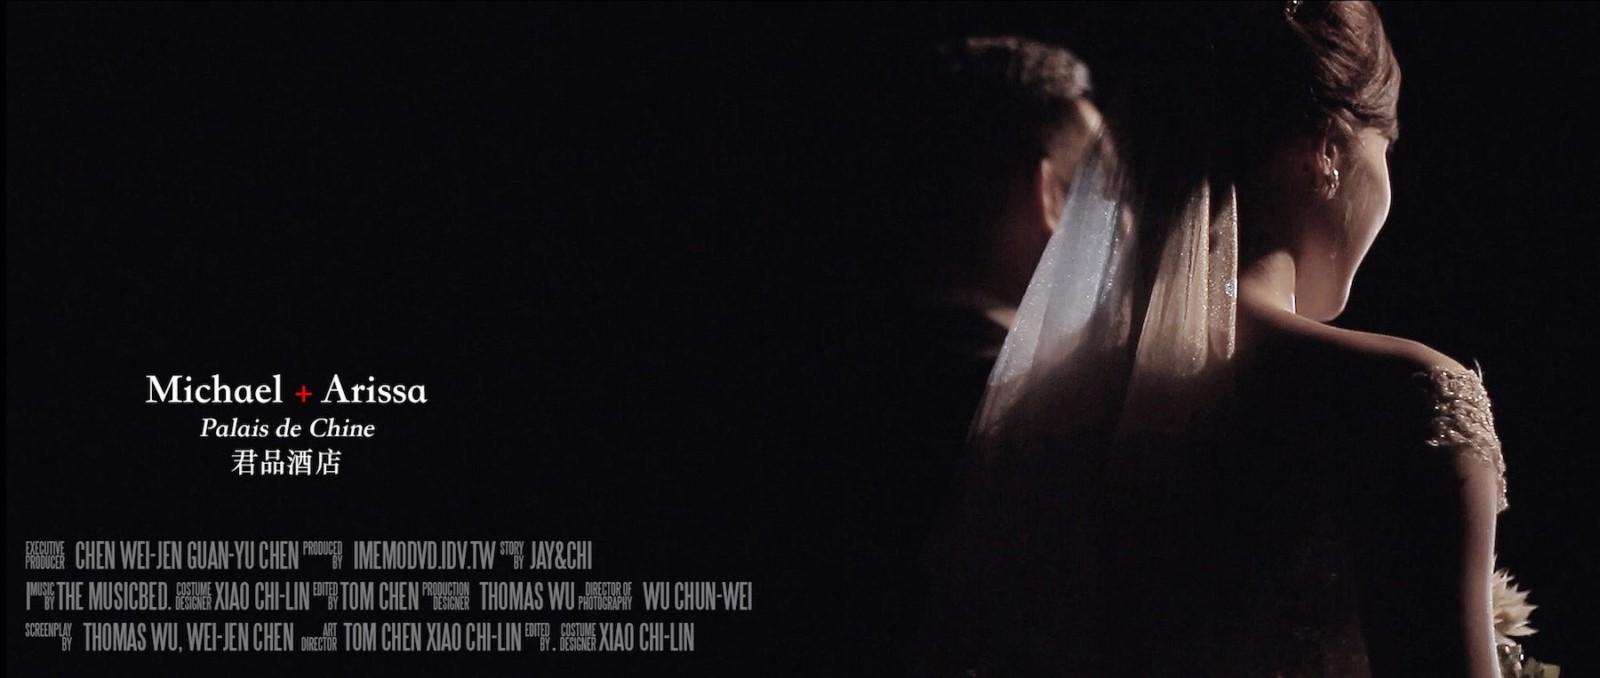 PALAIS de CHINE HOTEL 君品酒店 雲朵婚禮錄影